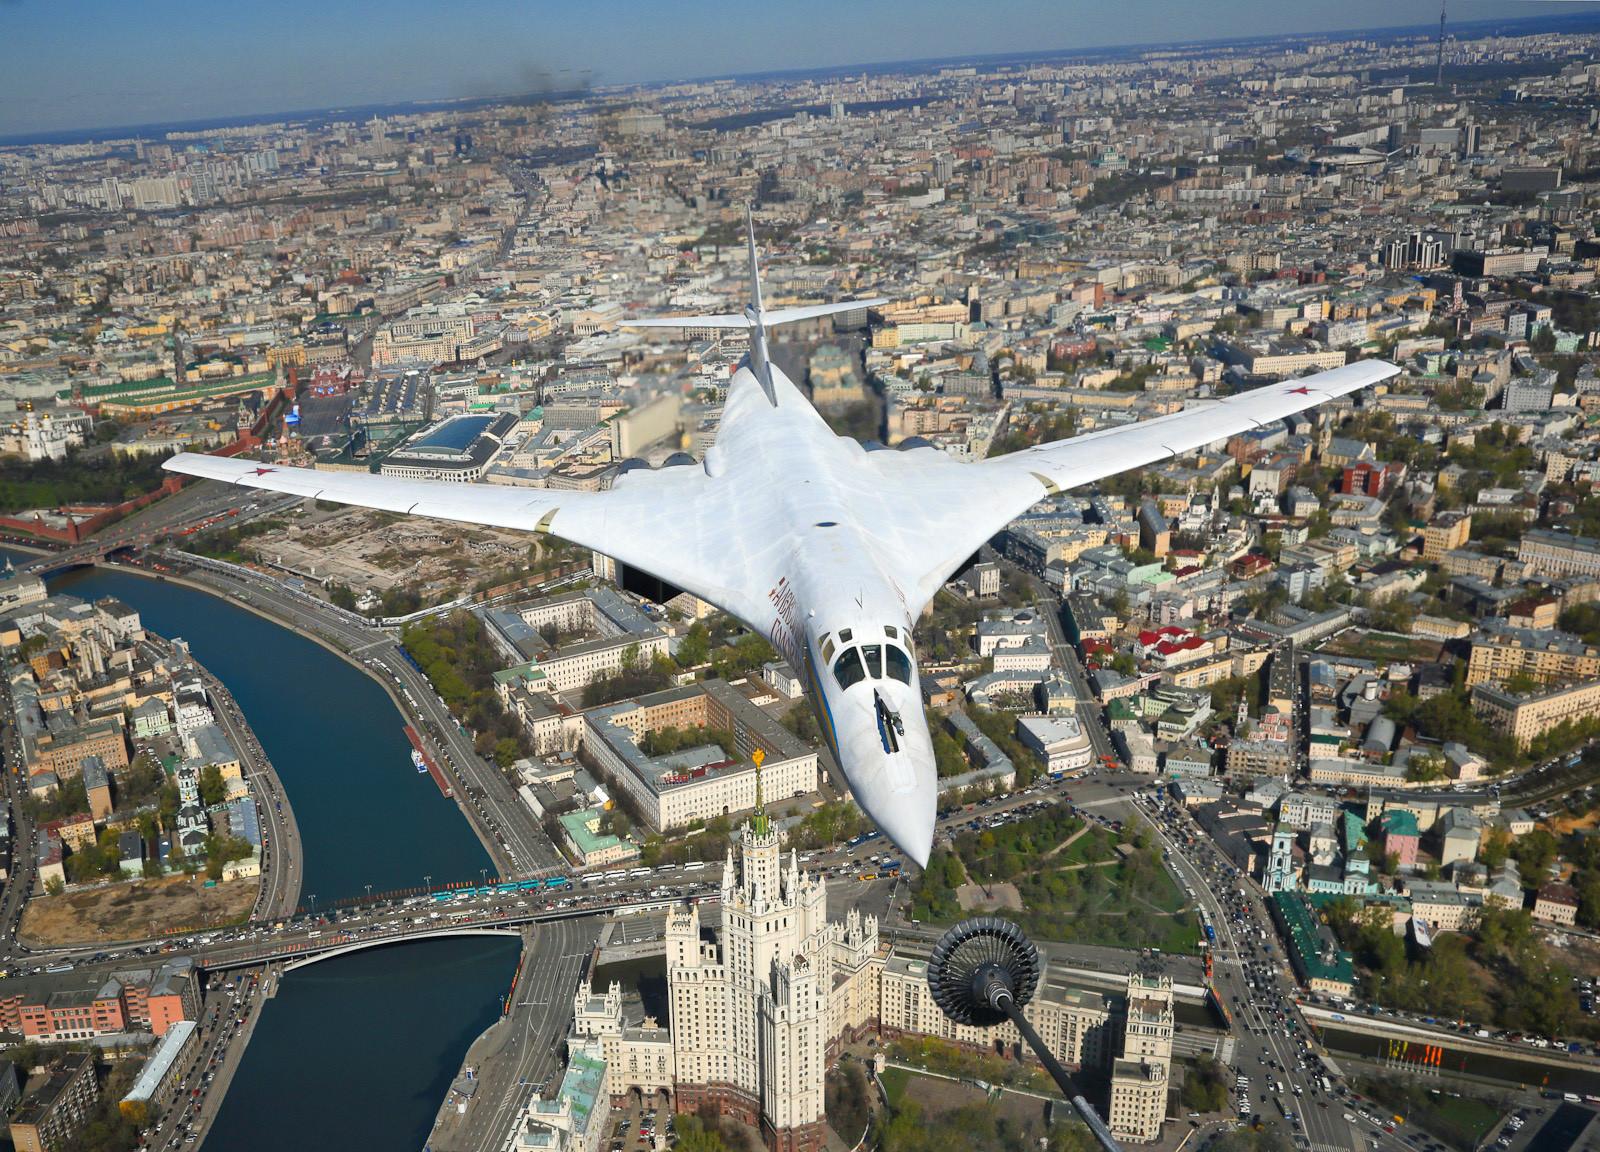 Стратешки бомбардер Тупољев Ту-160 на небу изнад Москве